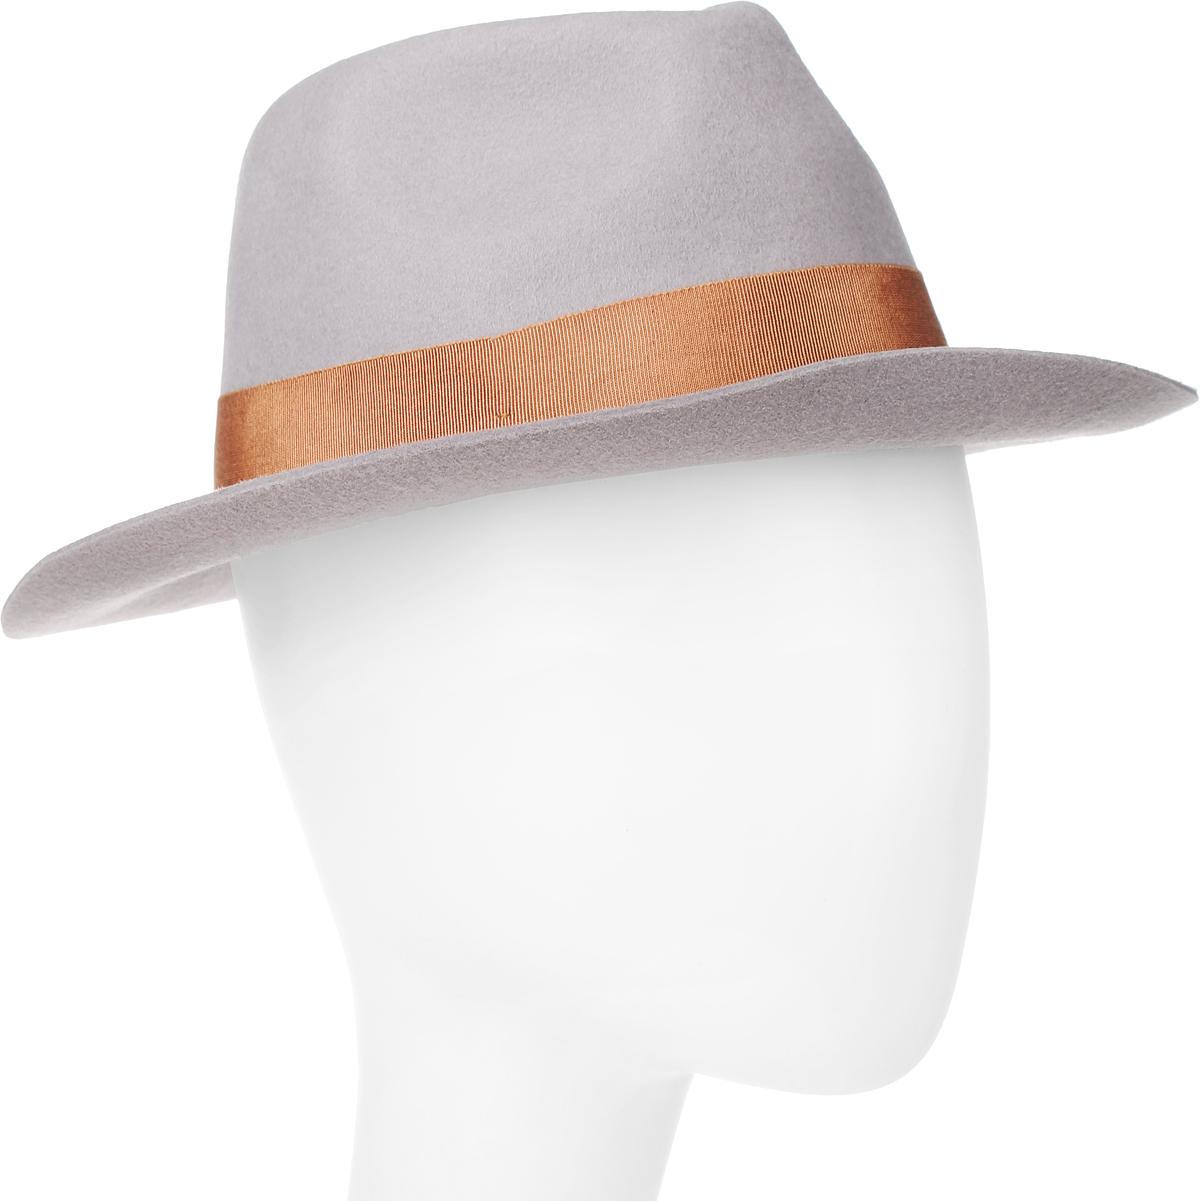 Шляпа Goorin Brothers, цвет: светло-серый. 100-9877. Размер L (59)100-9877Элегантная шляпа Goorin Brothers, выполненная из высококачественного мягкого фетра, дополнит любой образ. Модель с А-образной тульей с продольным заломом и слегка изогнутыми вверх полями. Внутри модель дополнена плотной тесьмой для комфортной посадки изделия по голове. Шляпа-федора по тулье оформлена широкой репсовой лентой с бантом и дополнена металлическим элементом в виде логотипа бренда.Такая шляпа подчеркнет вашу неповторимость и прекрасный вкус.